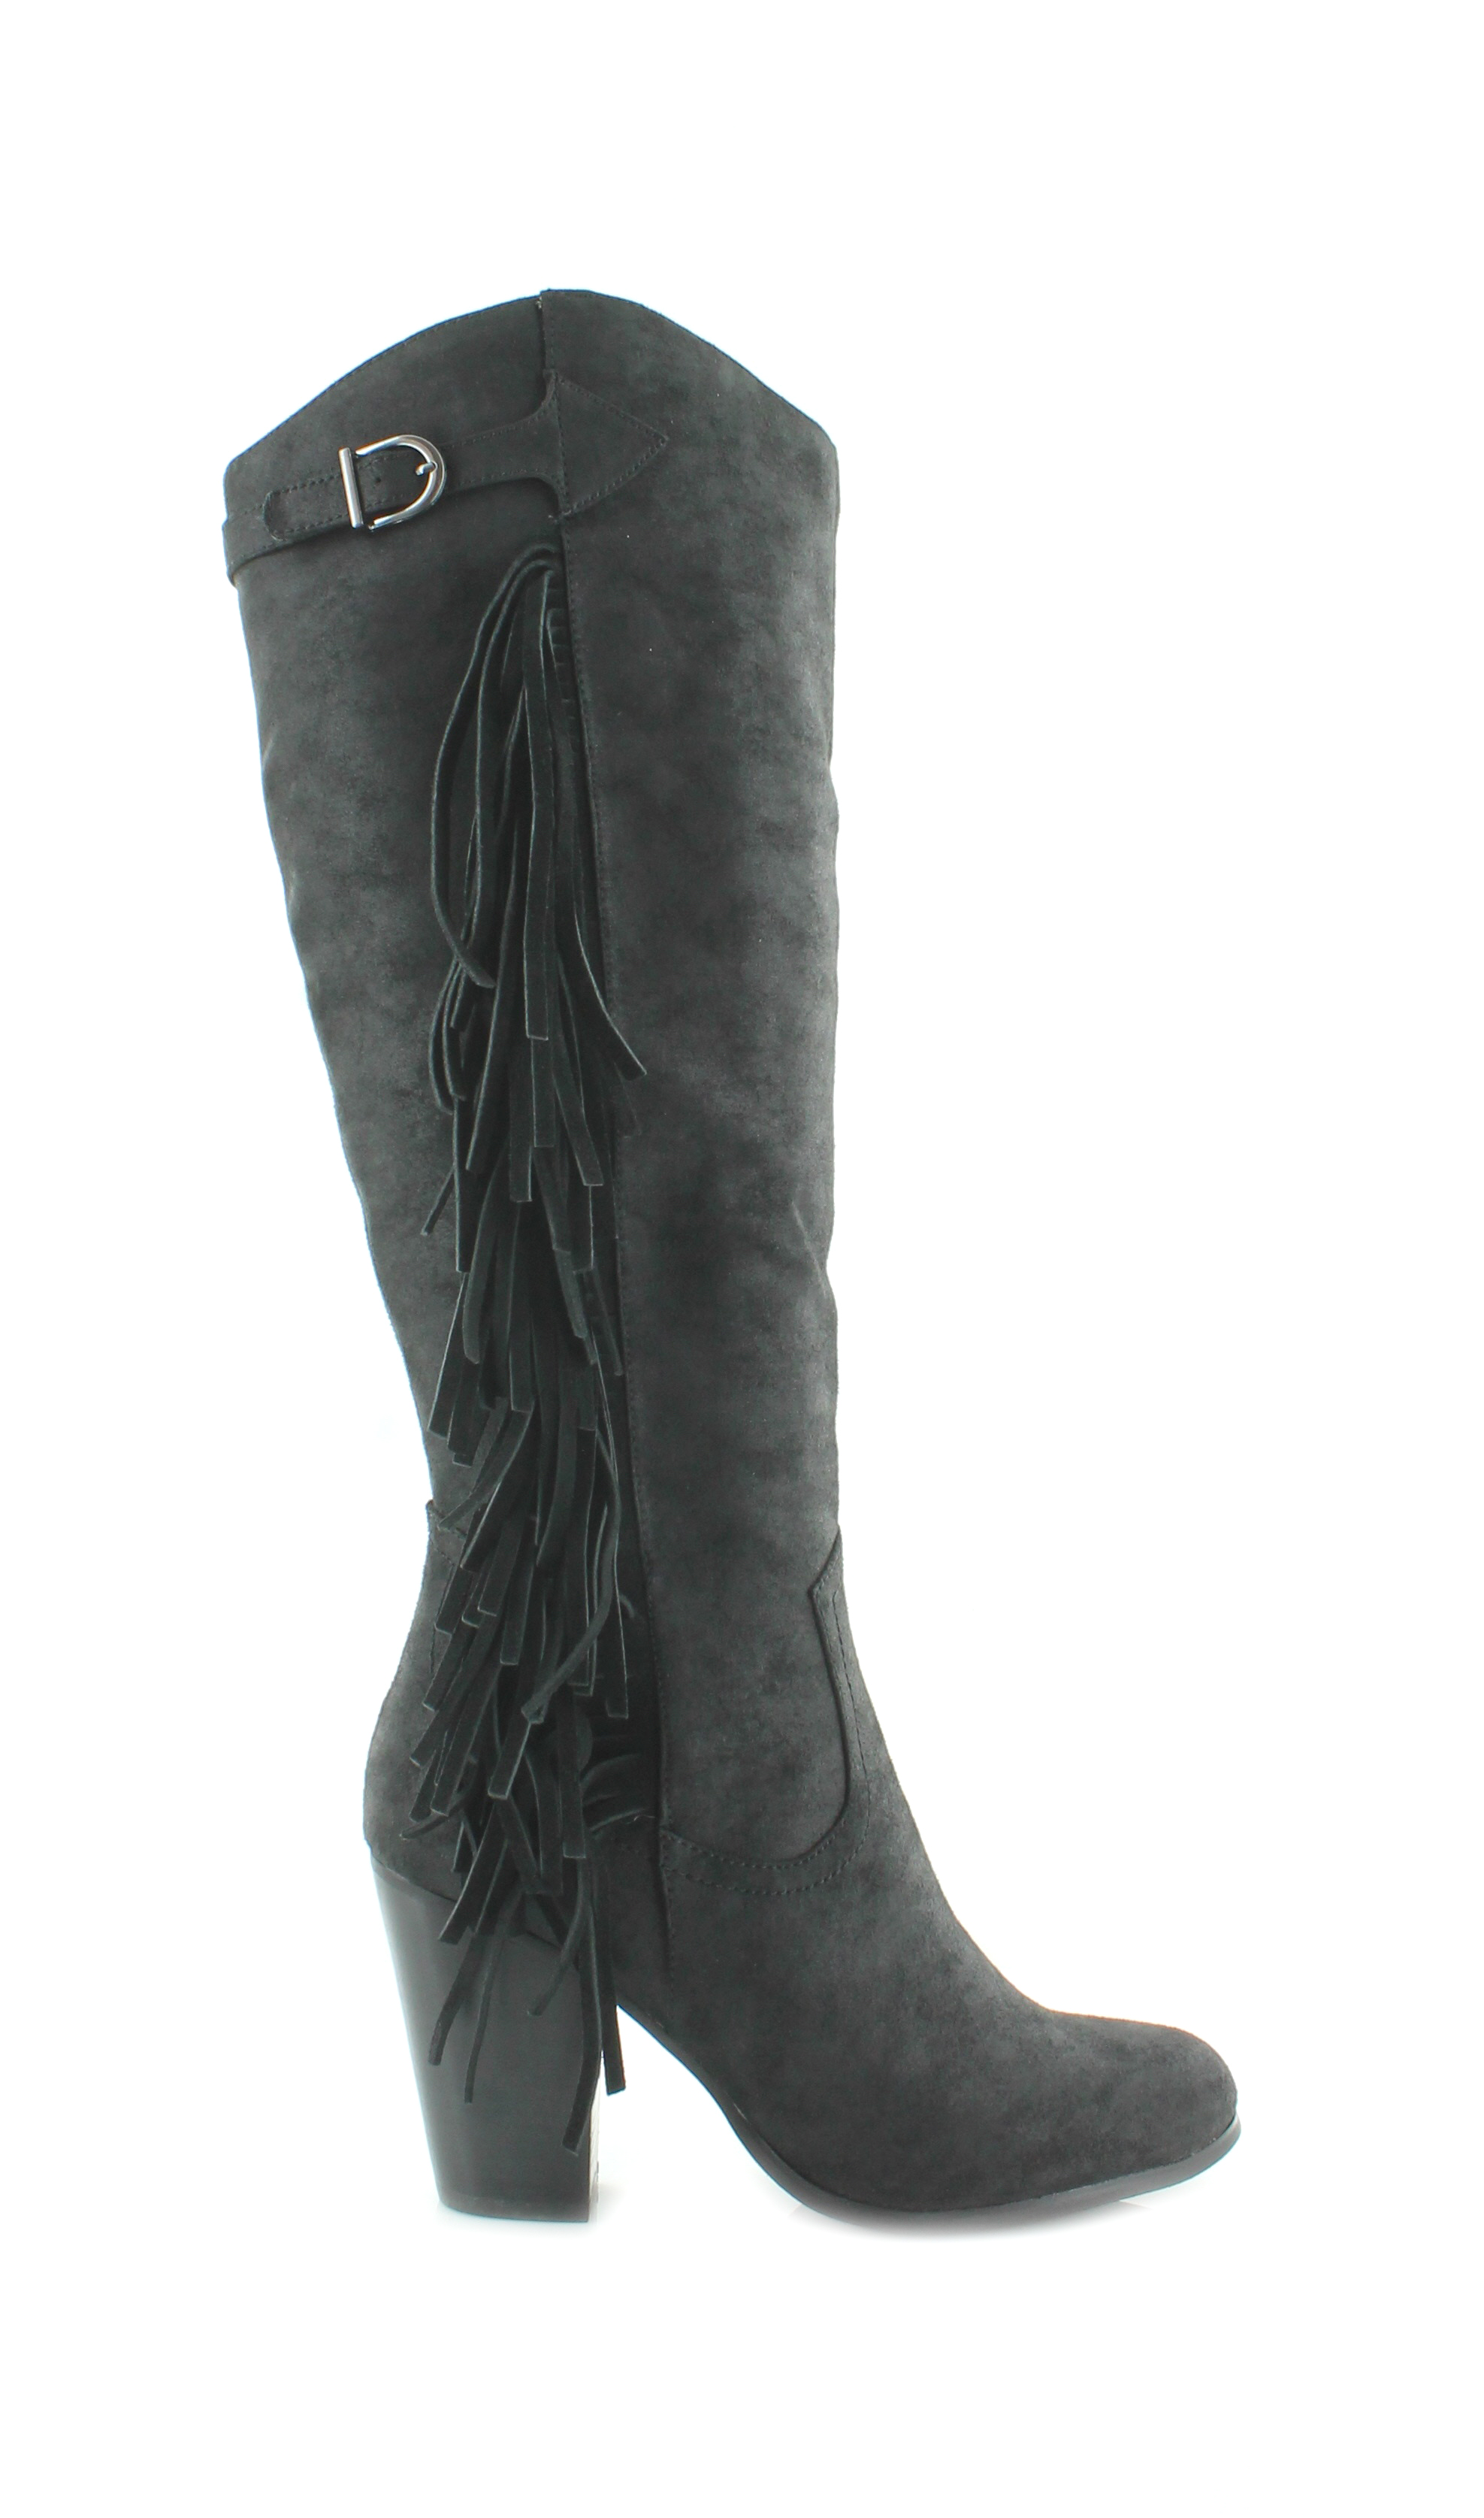 Carlos Santana Roslyn Women's Boots Black Size 6.5 M